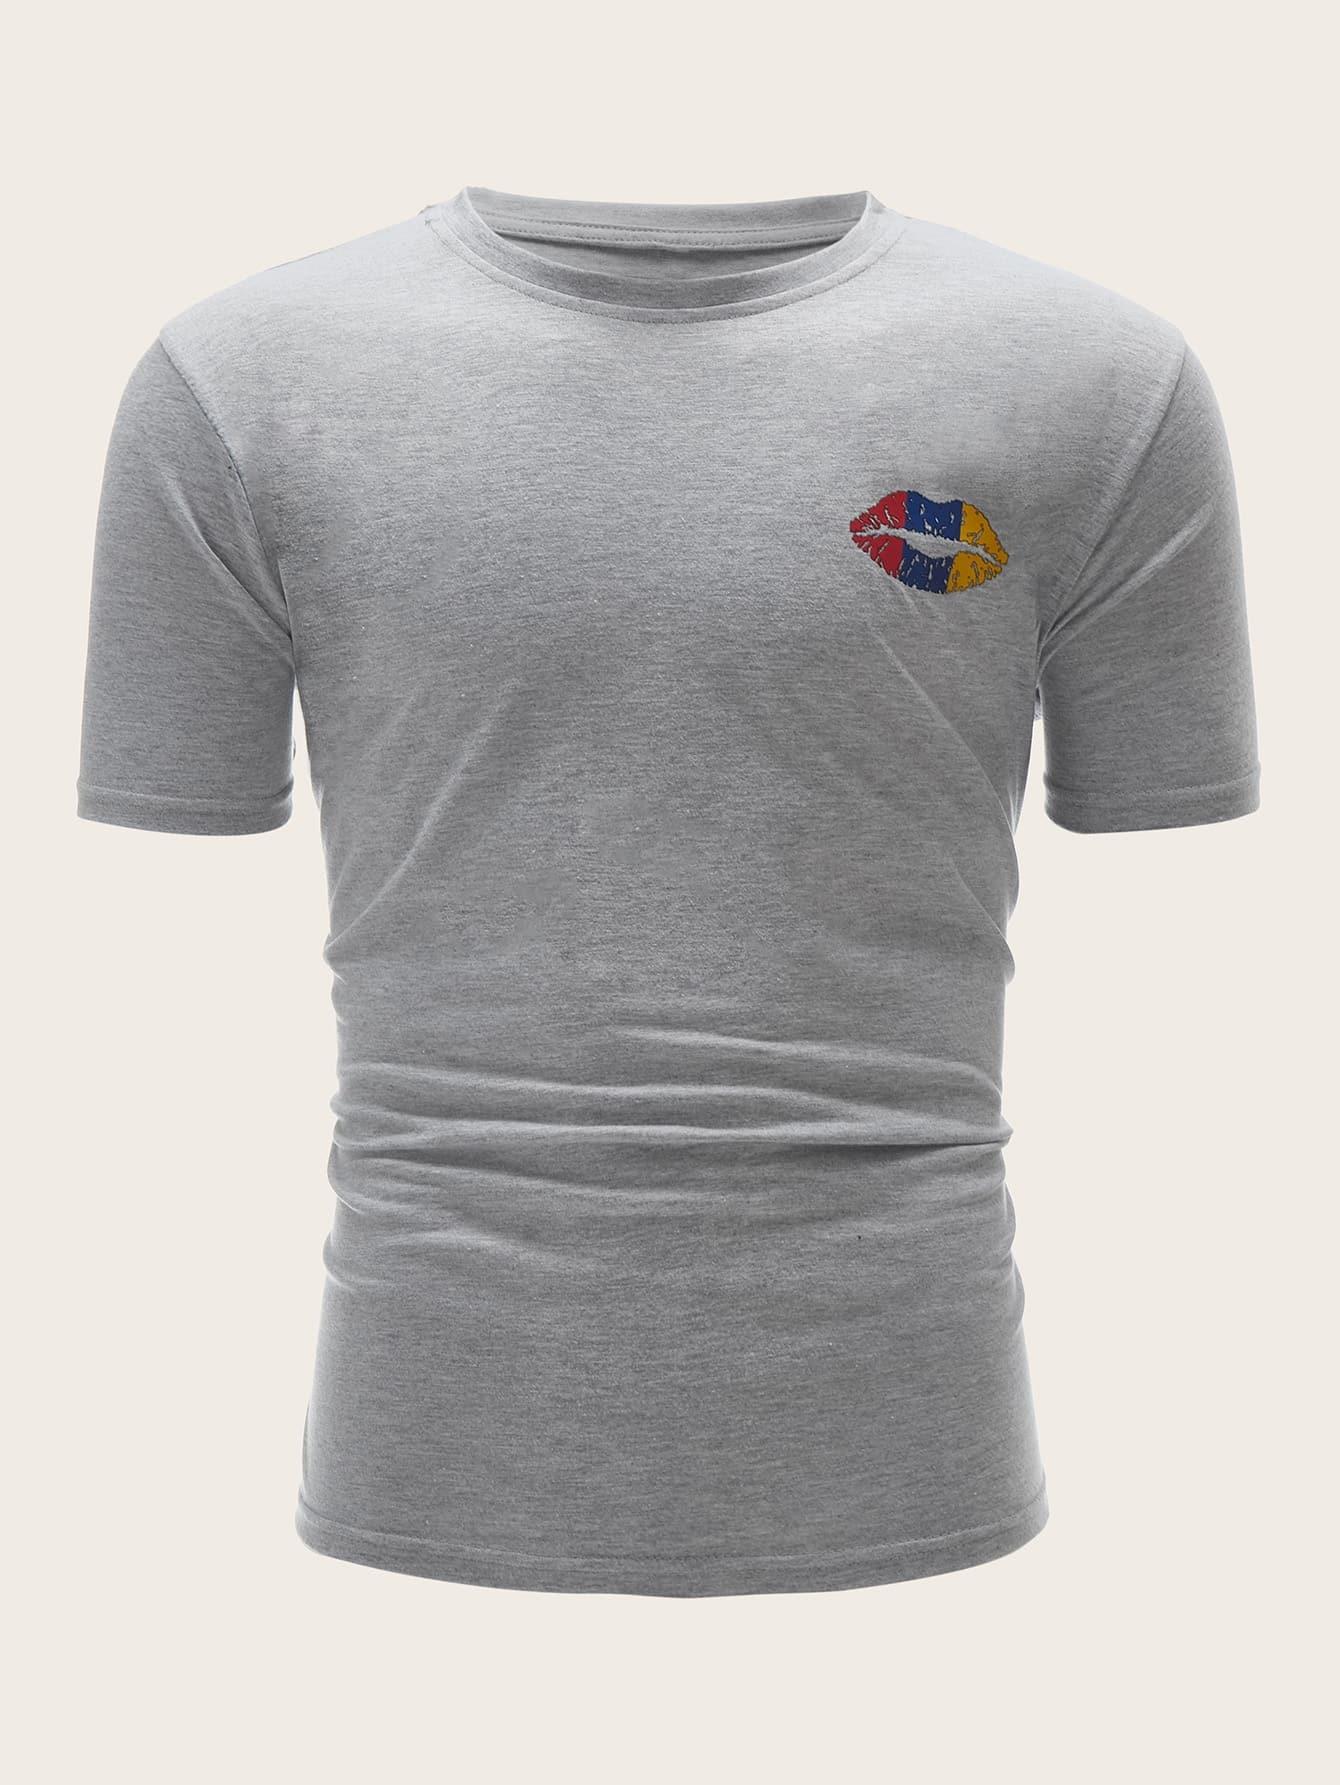 Купить Мужская рубашка с принтом губы, null, SheIn